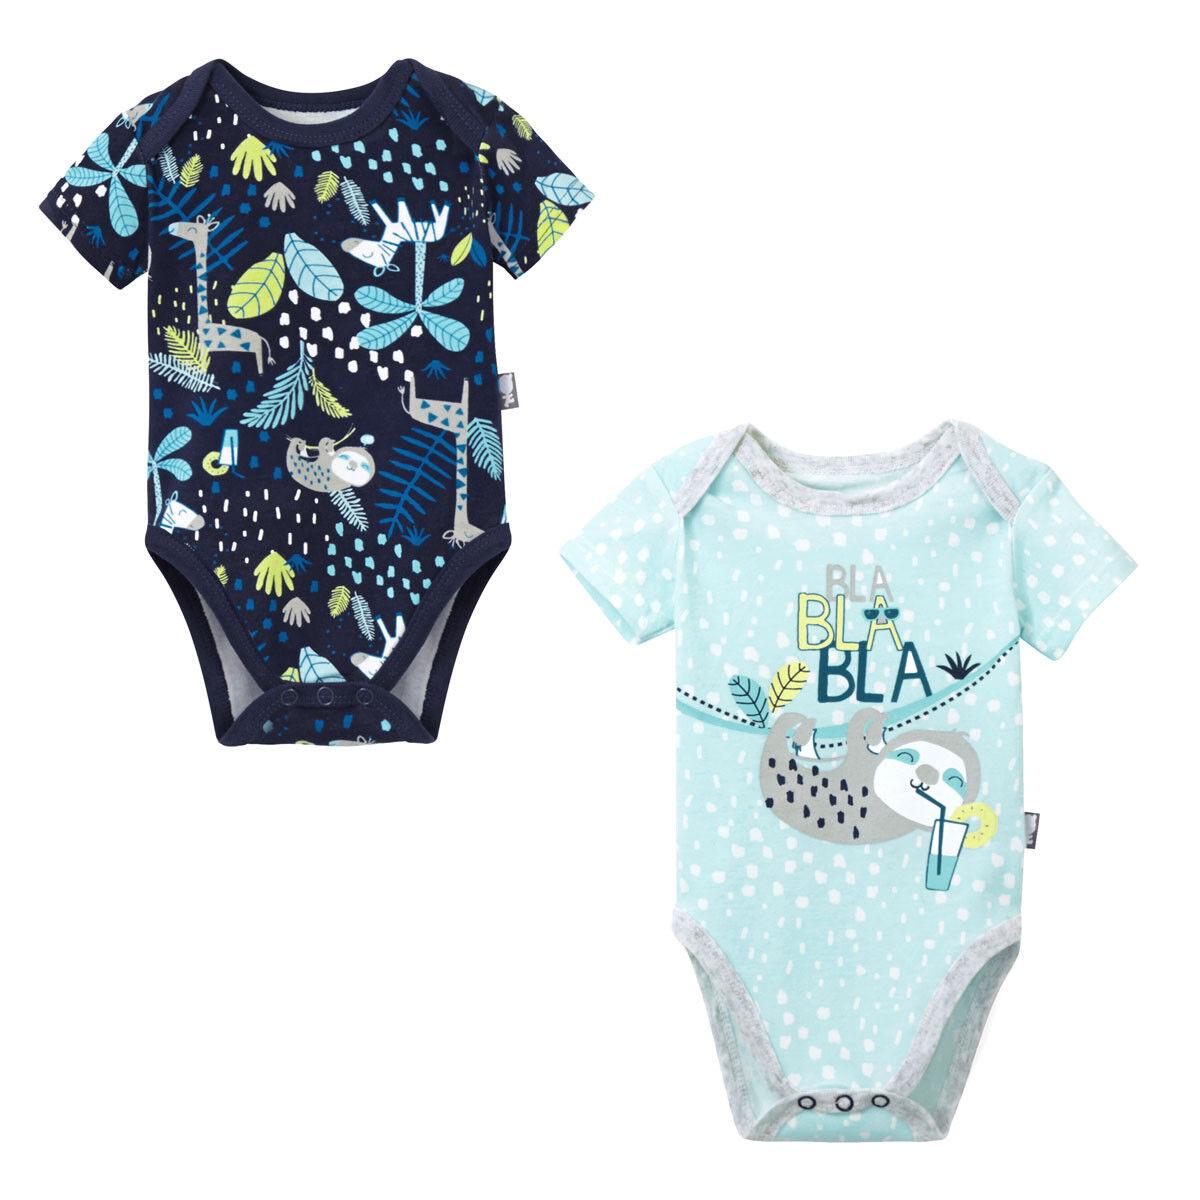 Petit Béguin Lot de 2 bodies bébé garçon manches courtes Pampa - Taille - 6 mois